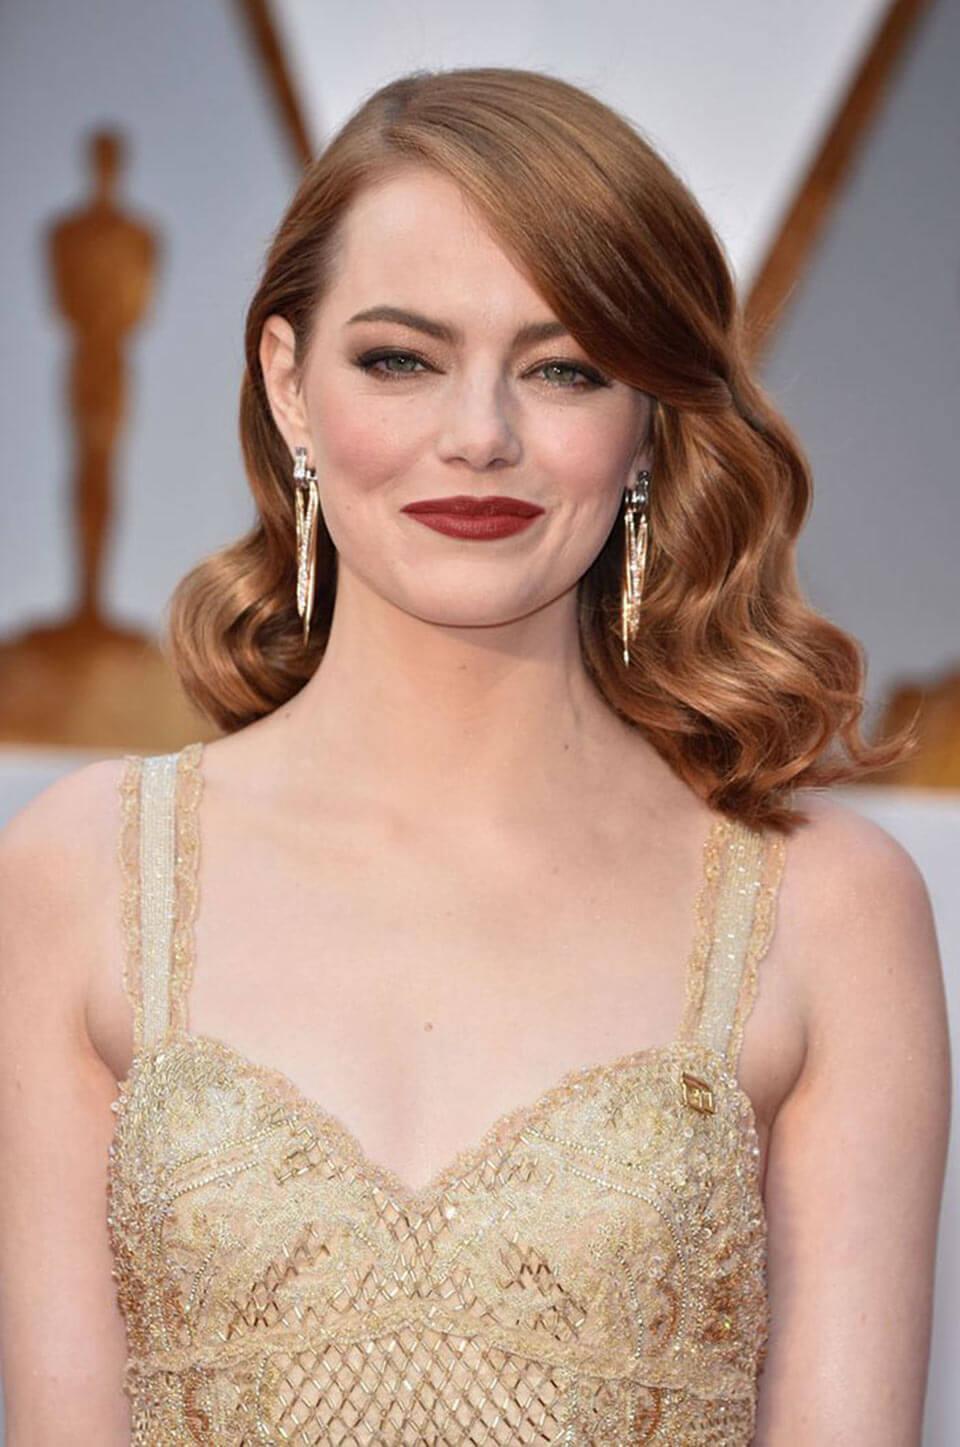 Cabelos ruivos: Emma Stone